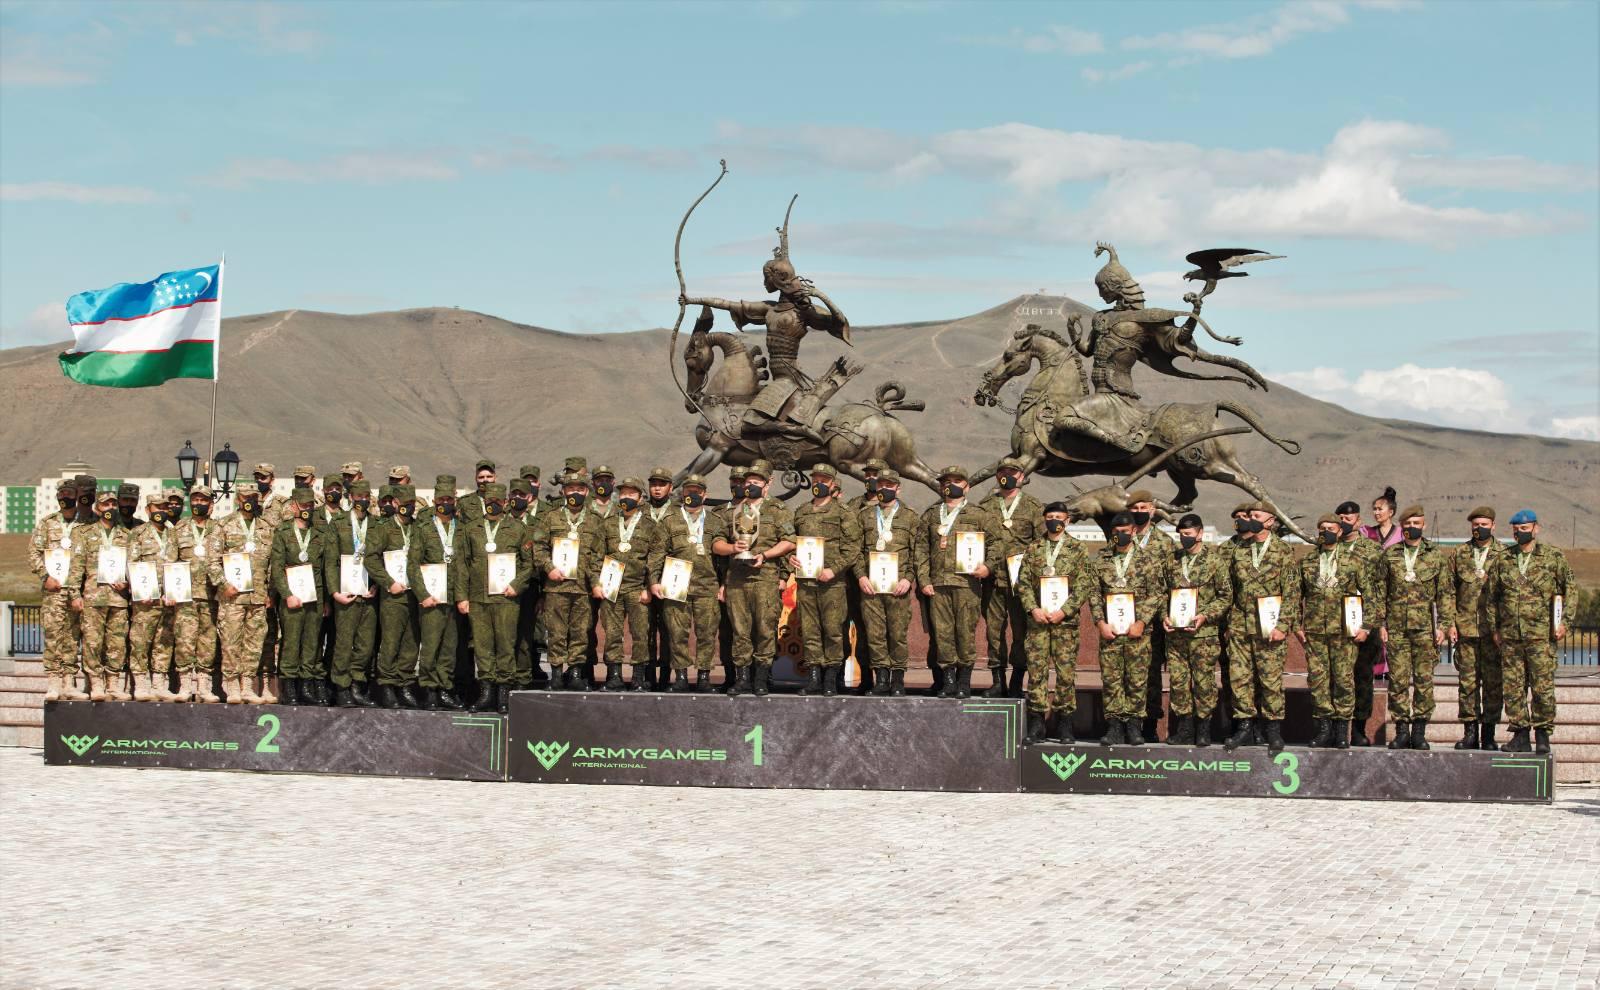 Златна и бронзана медаља за војне возаче на Међународним војним играма